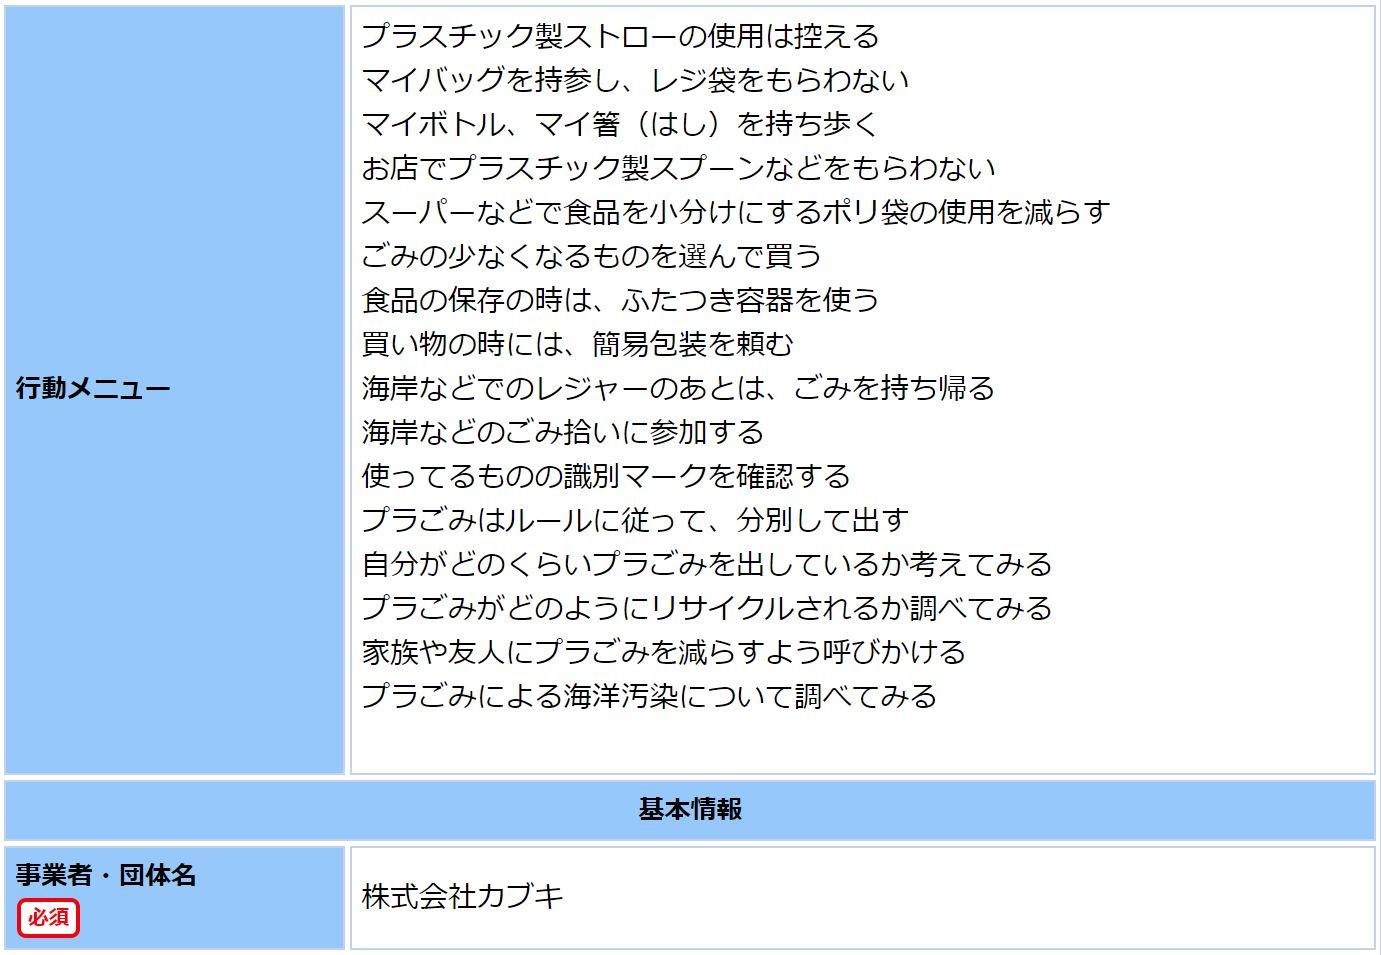 神奈川県マイエコ10宣言